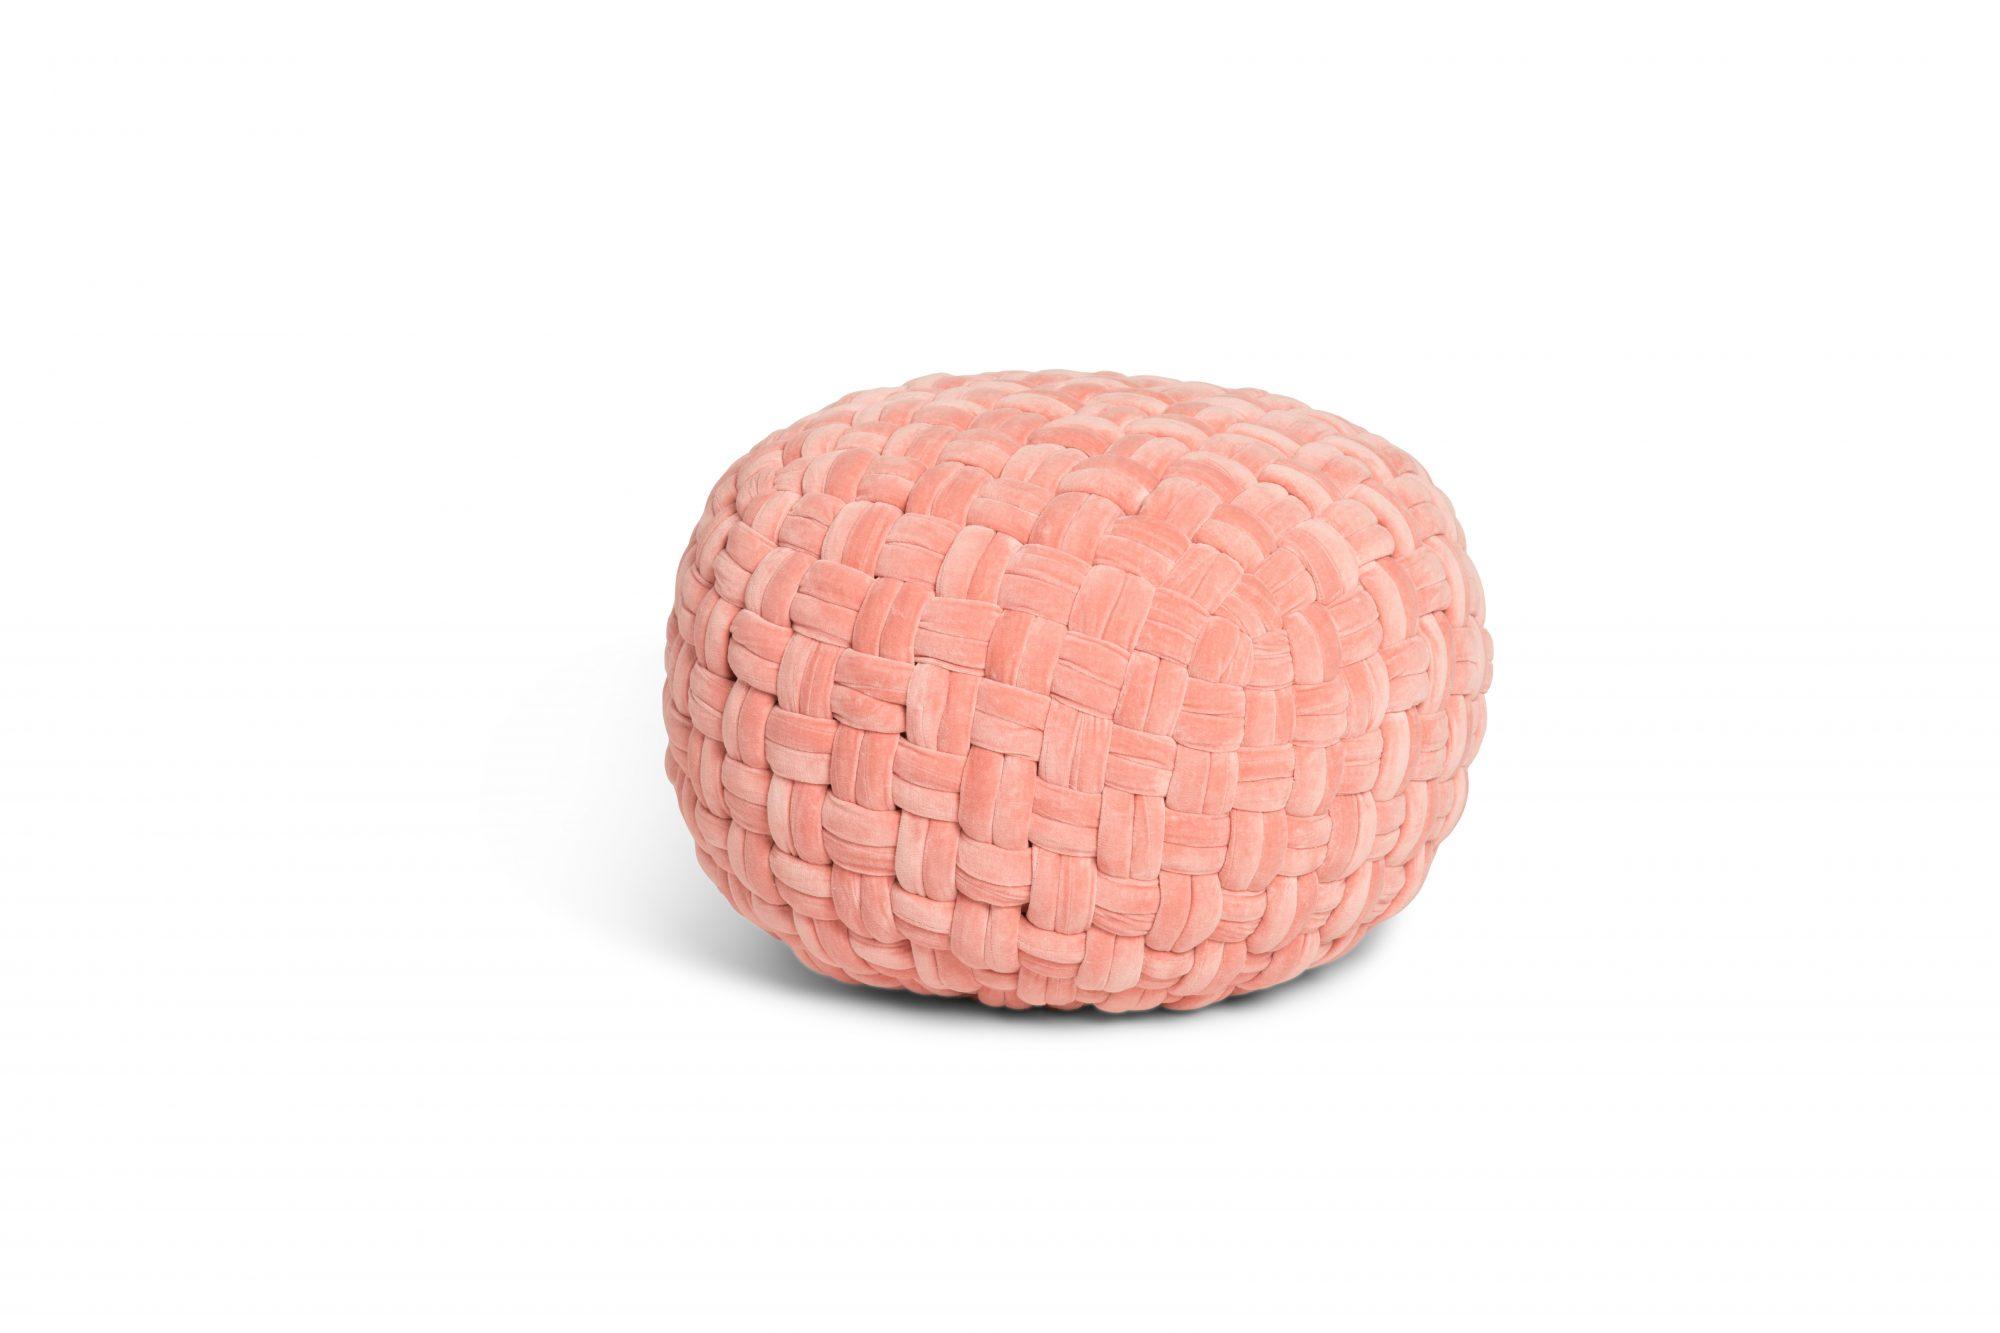 hg_176650_pink_poof_1-r.jpg